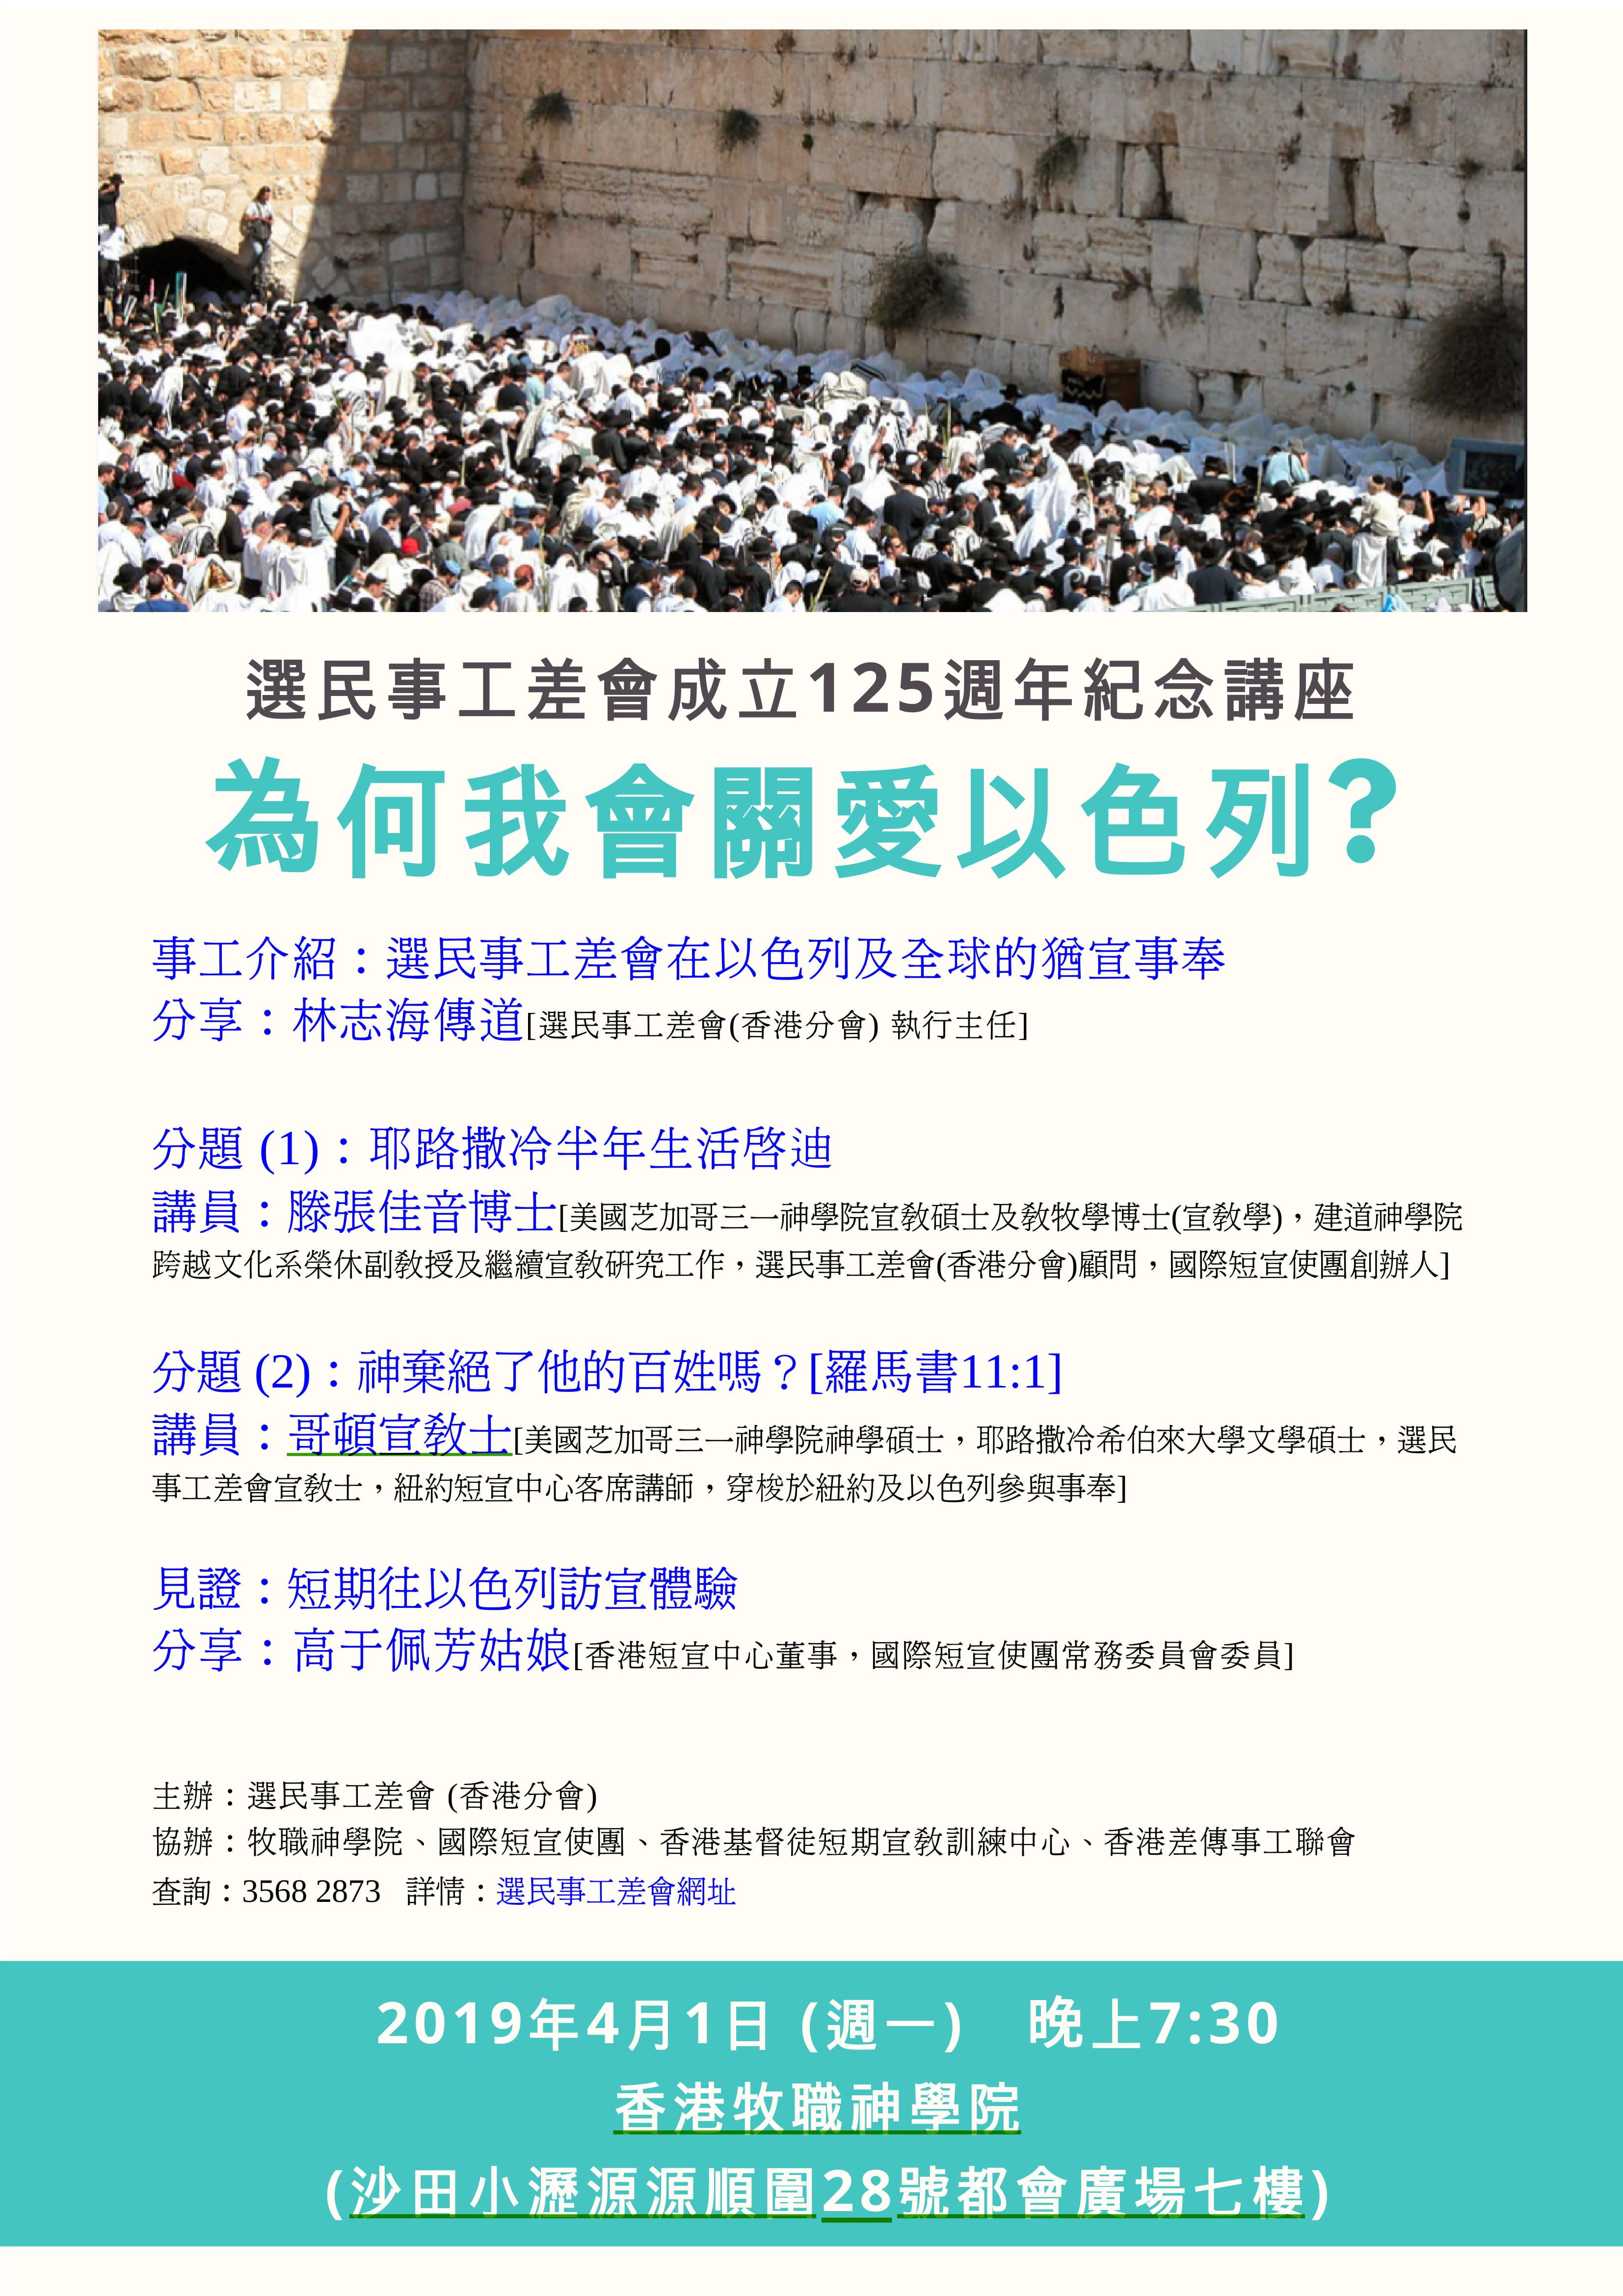 CPMHK 01APR2019 poster-1